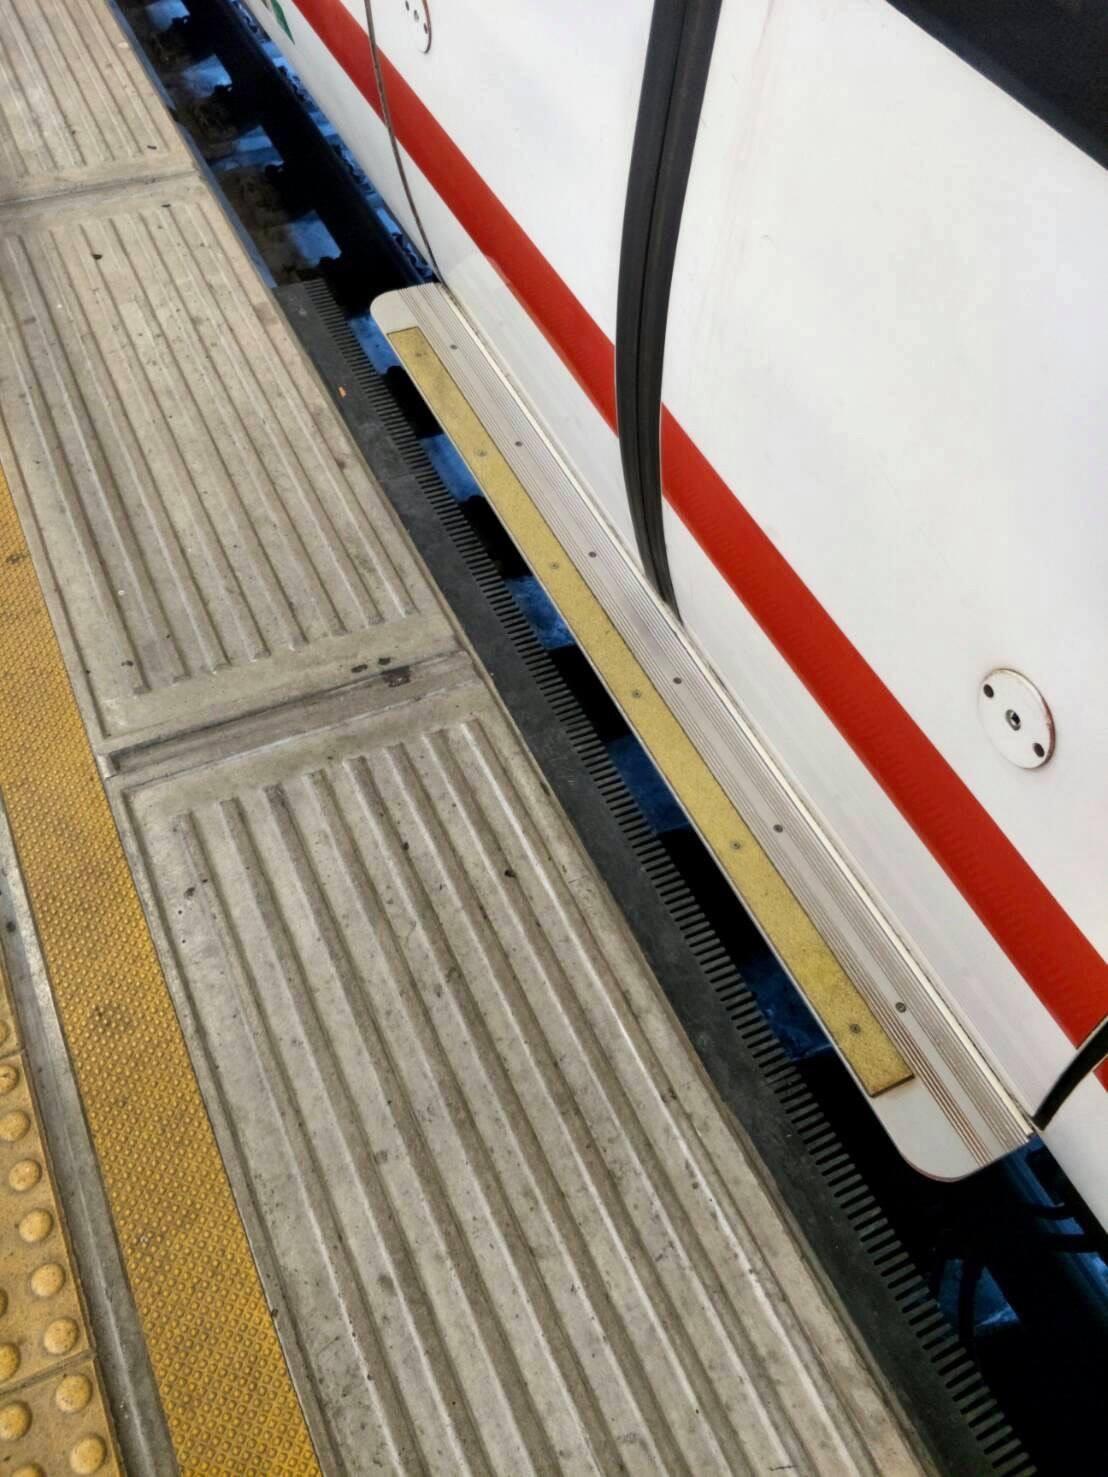 เมดอินไทยแลนด์! แอร์พอร์ต เรล ลิงก์ ติดตั้งแผ่นยางปิดช่องว่างชานชาลา-ประตูรถไฟฟ้าครบแล้วทุกสถานี